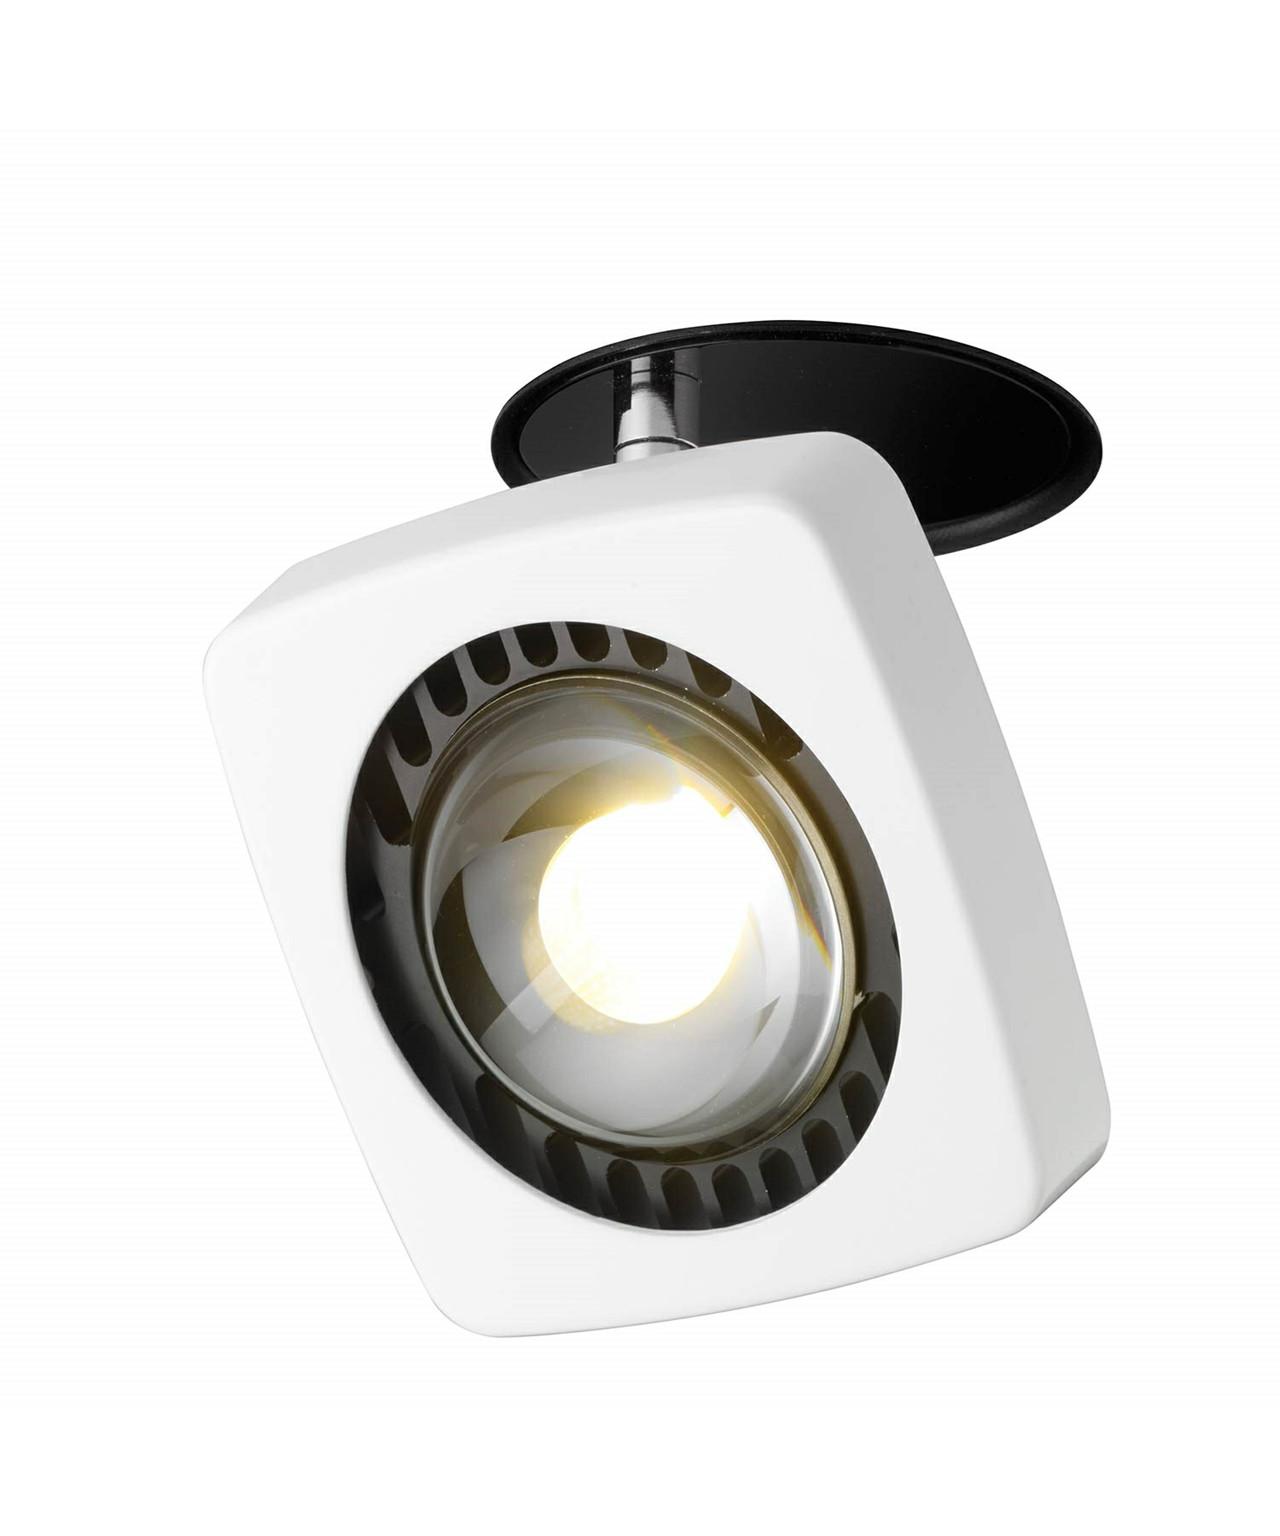 Kelveen Loftlampe/Væglampe Recessed Turnable 40° - Oligo thumbnail